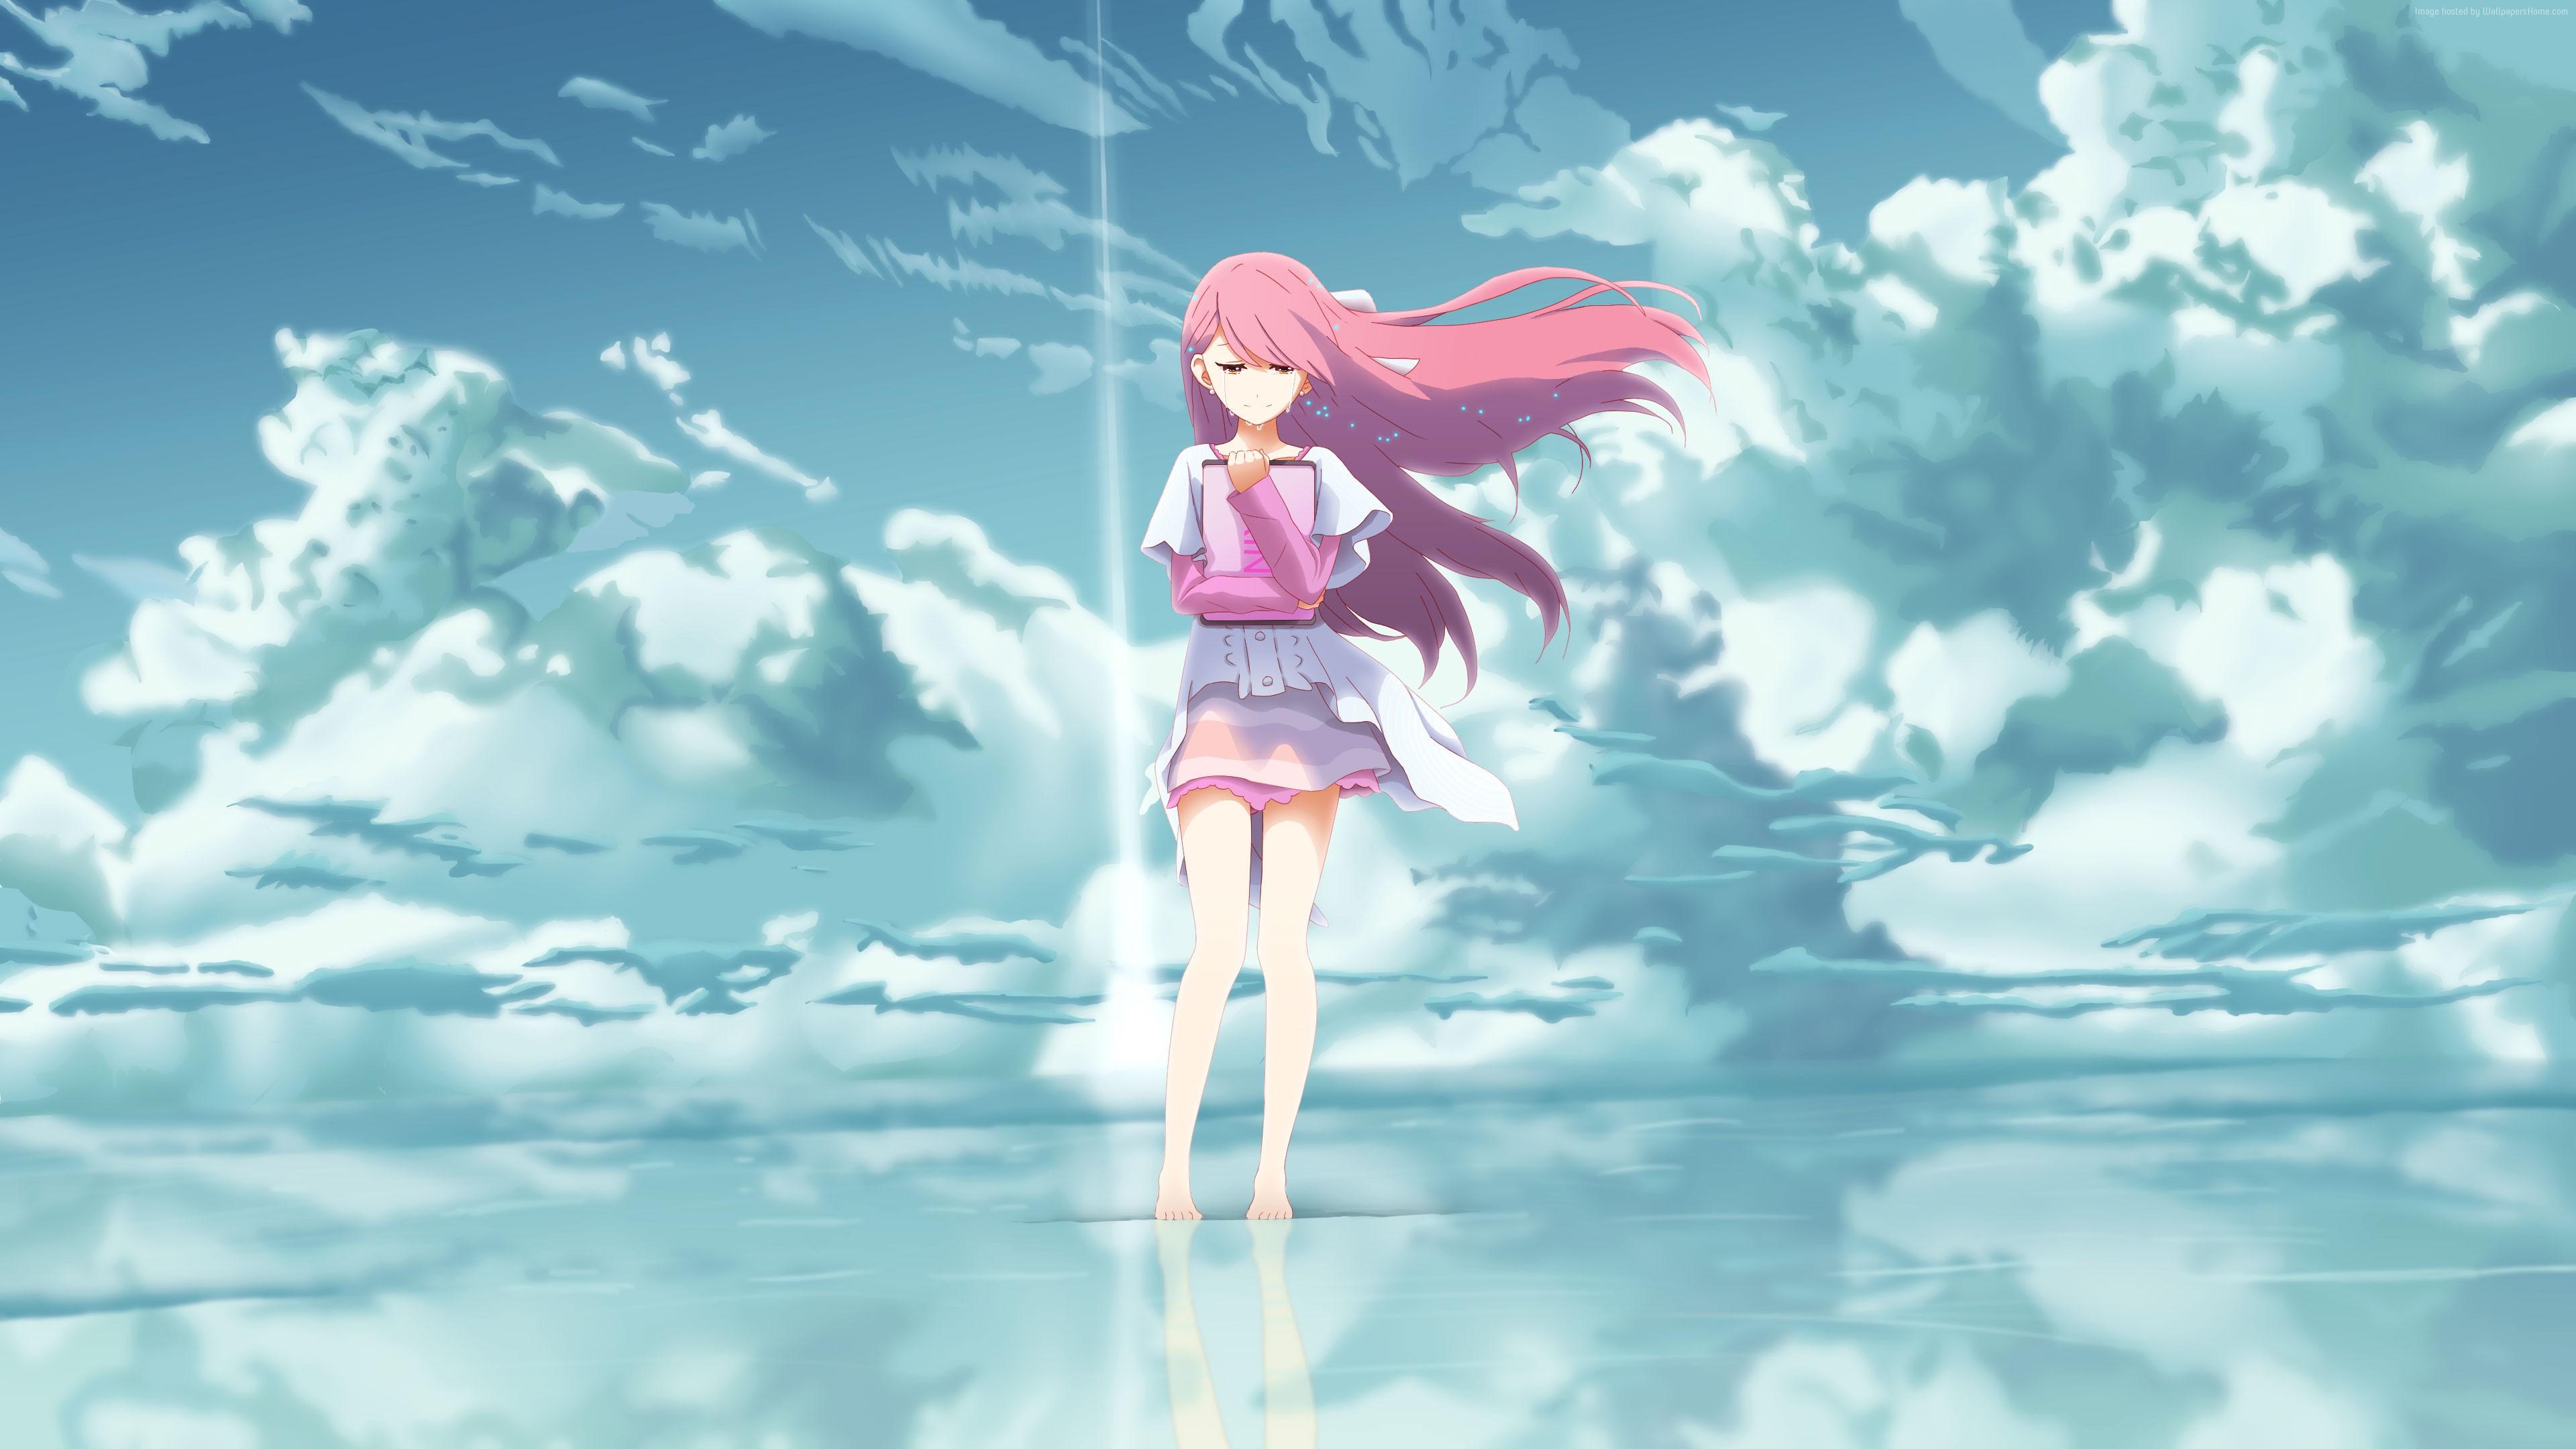 Wallpaper 4k Anime Girl 4k 4k Wallpapers Anime Girl Wallpapers